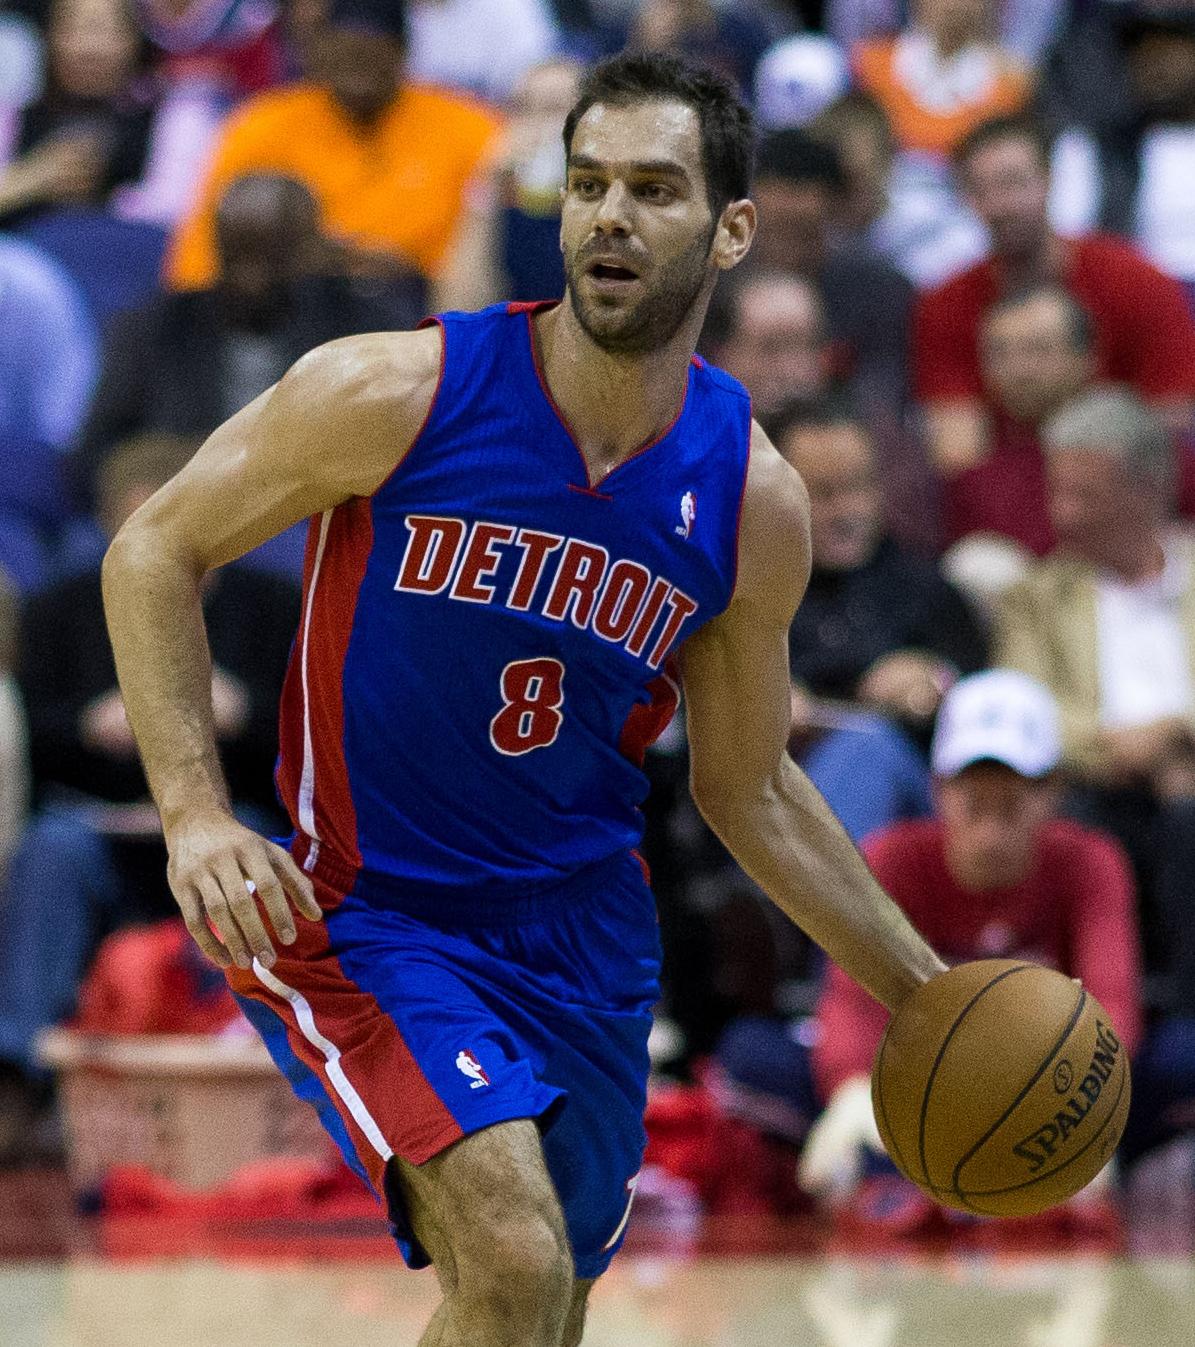 José Calderón (basketball) - Wikipedia